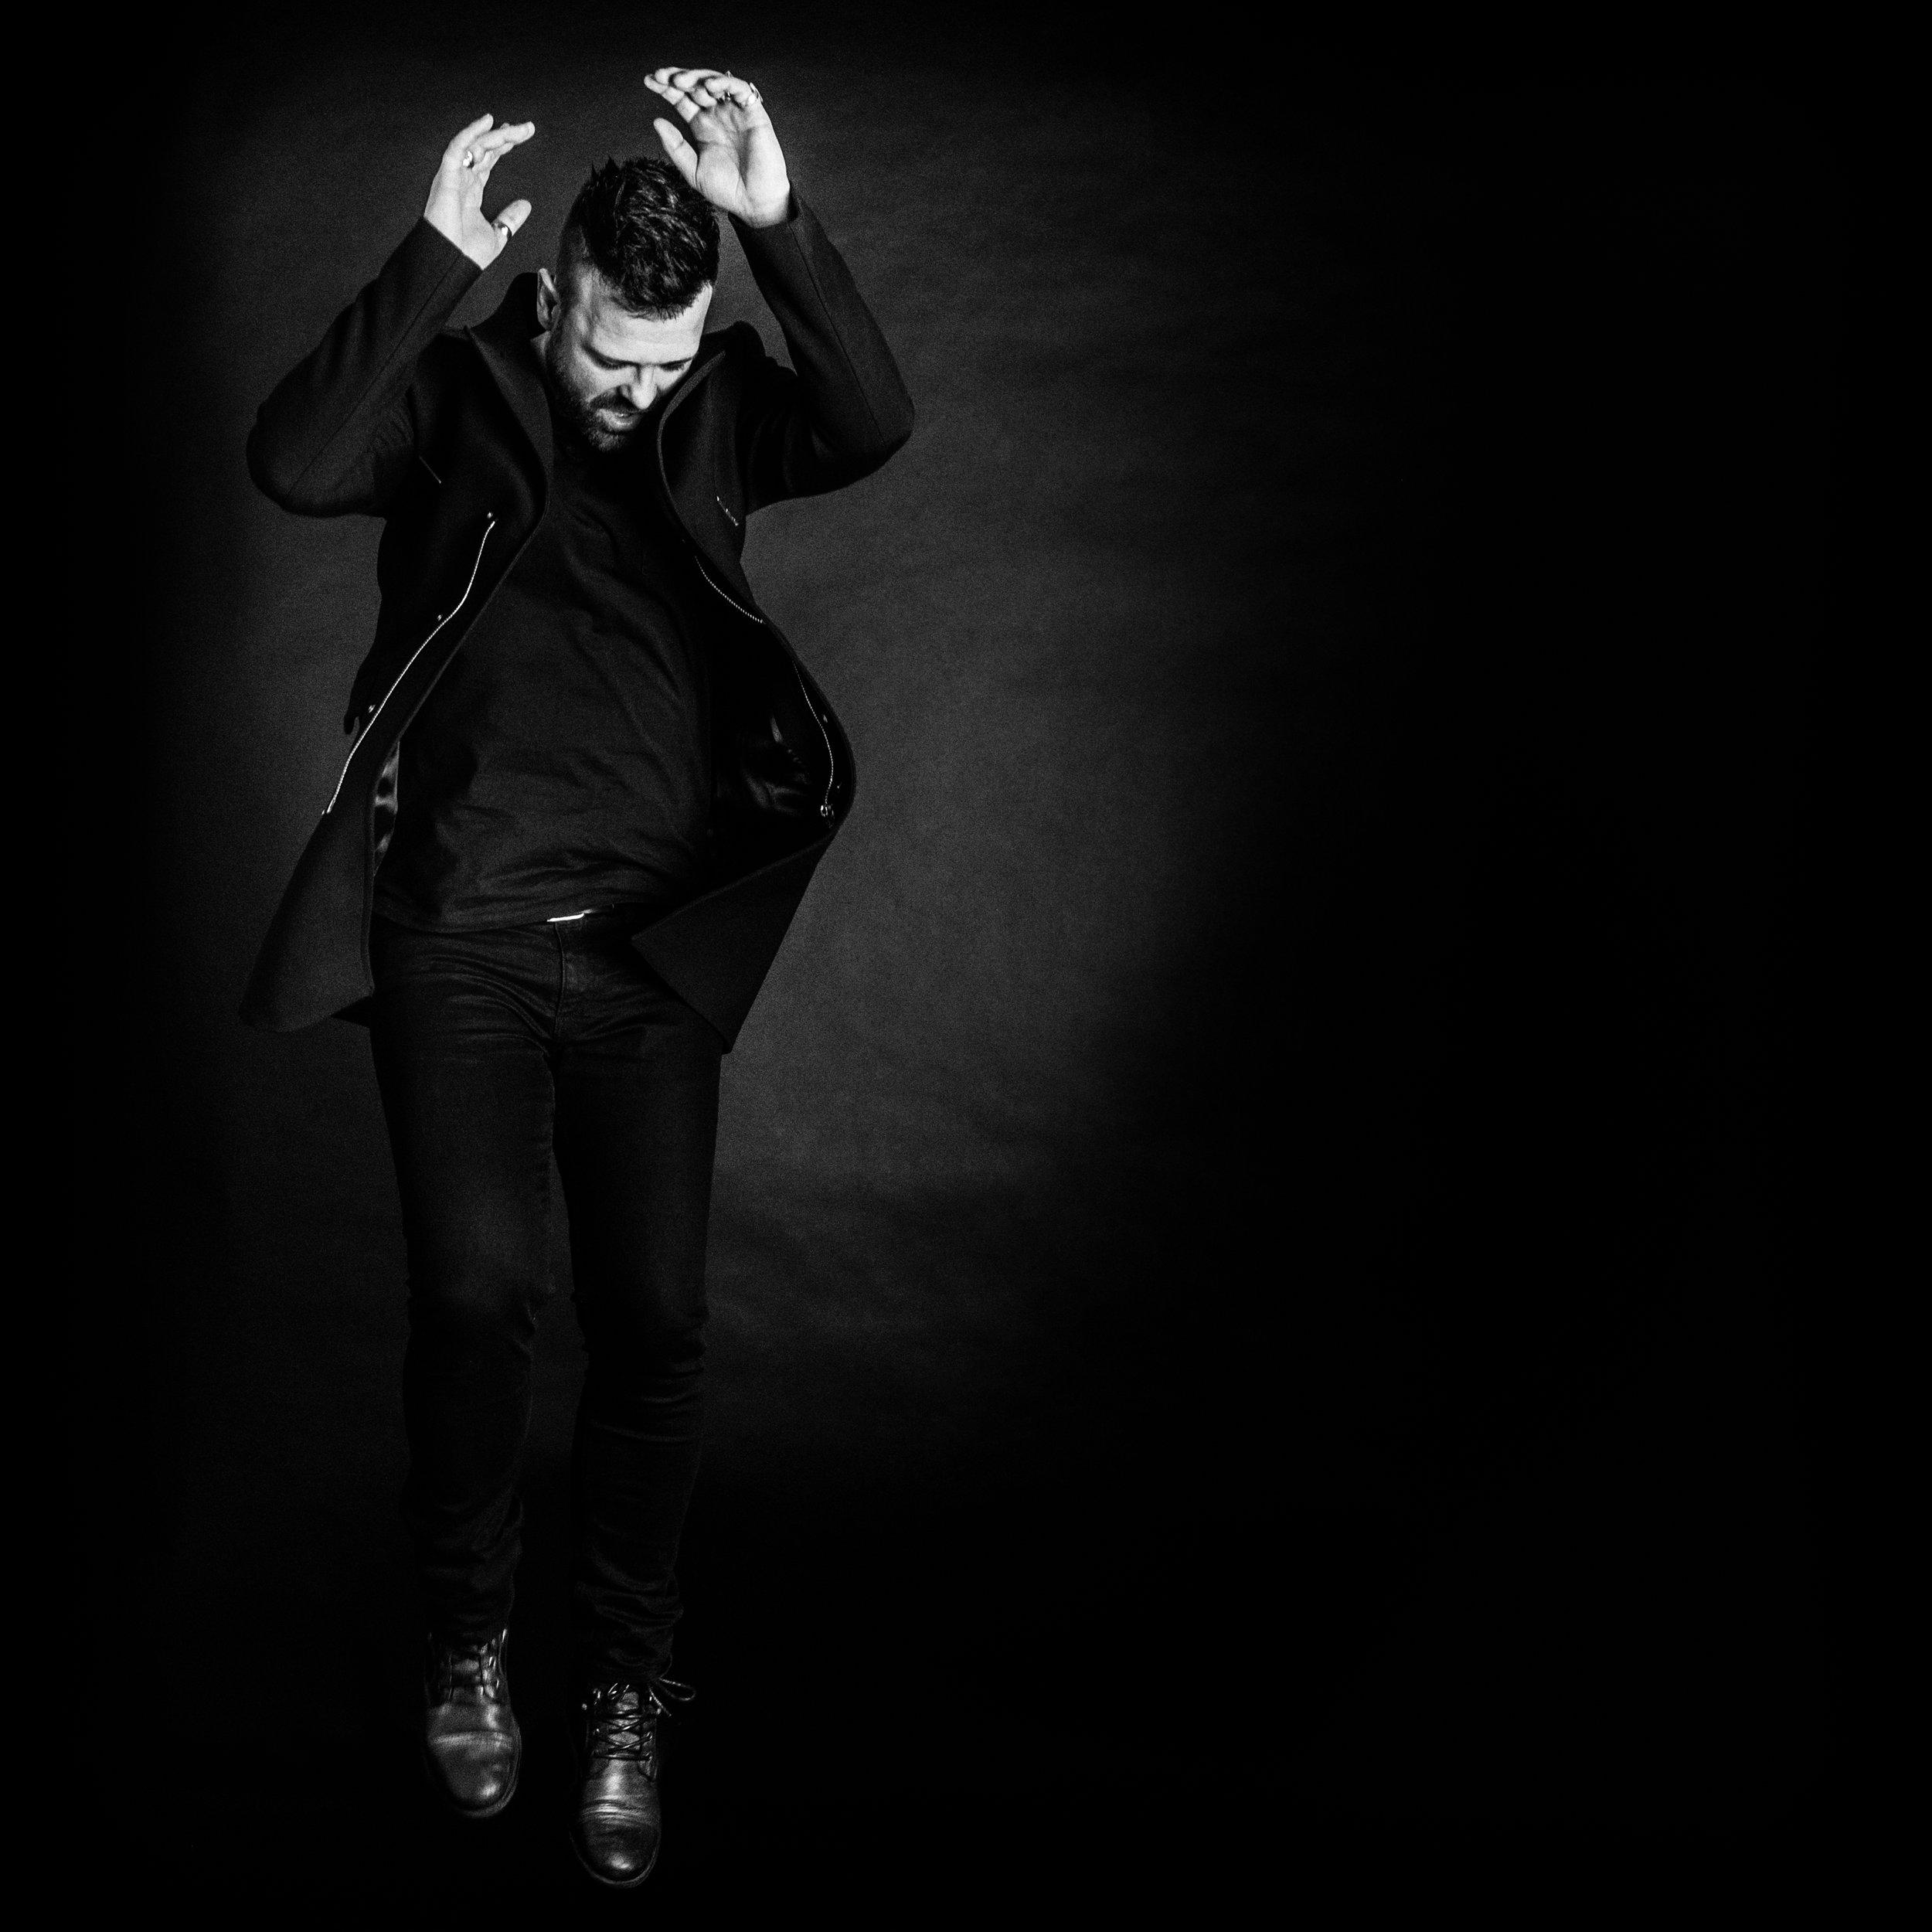 Noir Black-433-Edit-Edit.jpg